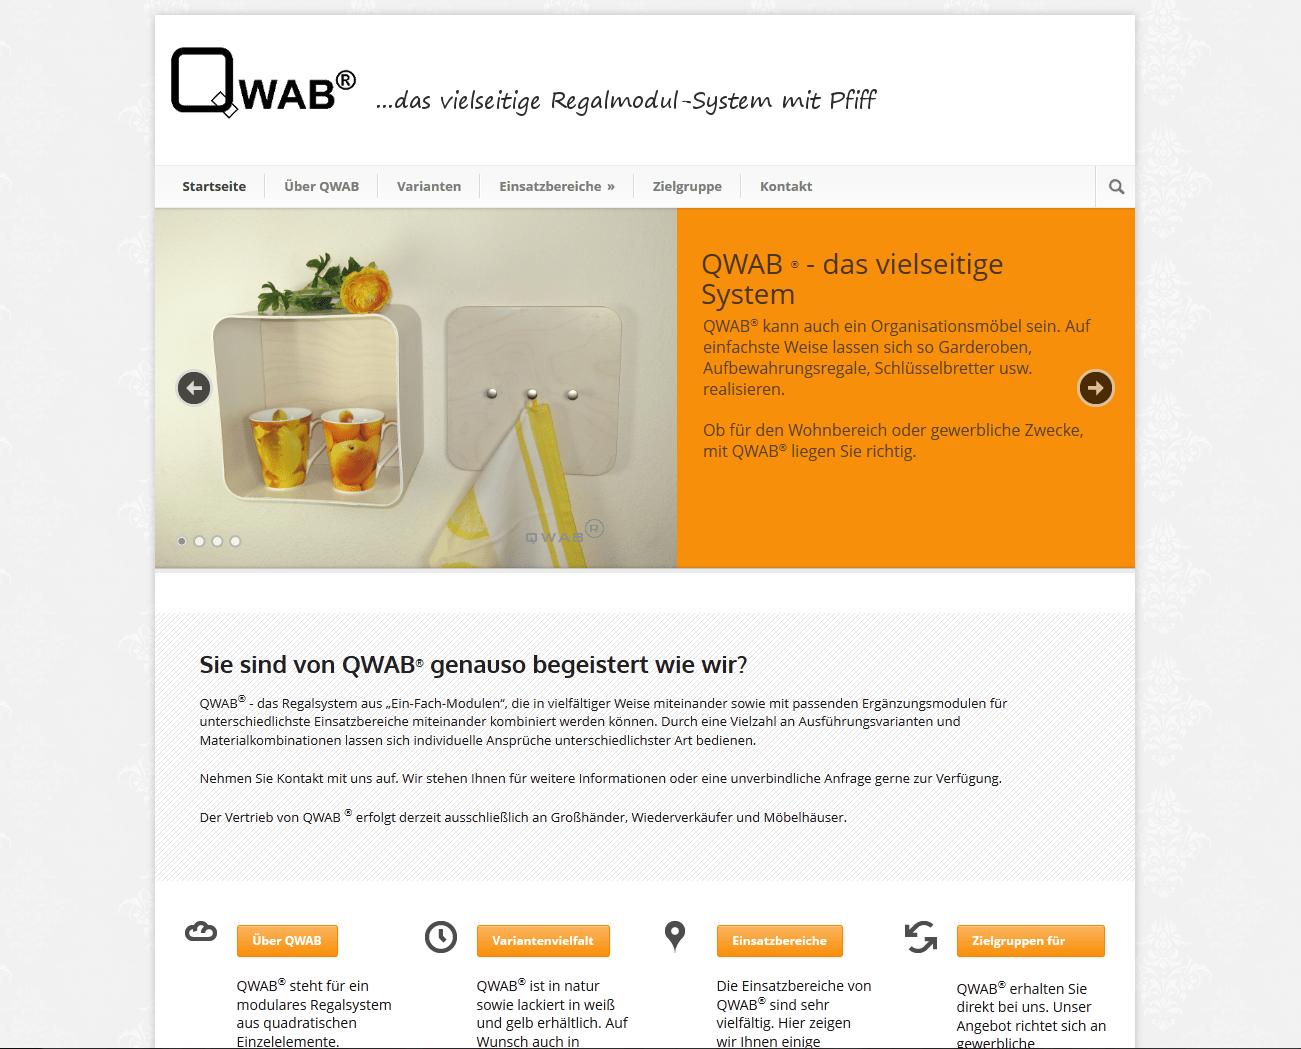 www.qwab.net